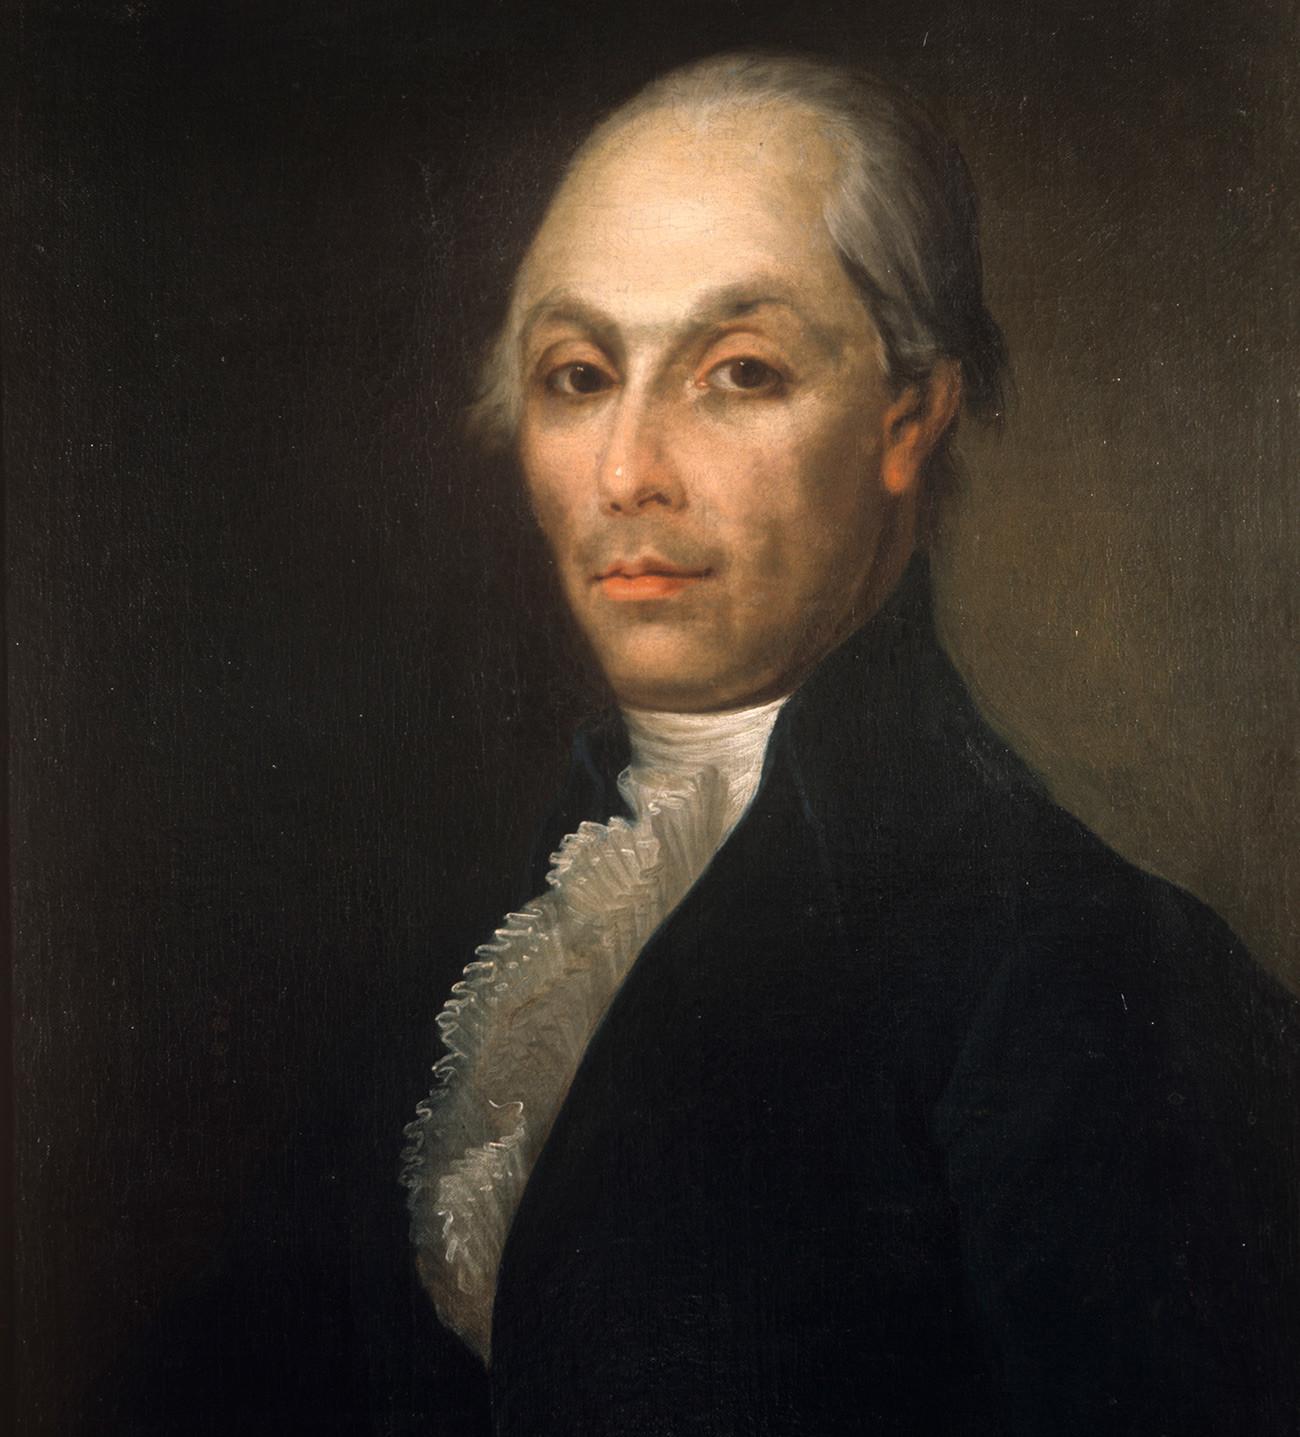 Potret Alexander Radishchev, yang pastinya adalah anggota kaum intelektual Rusia.